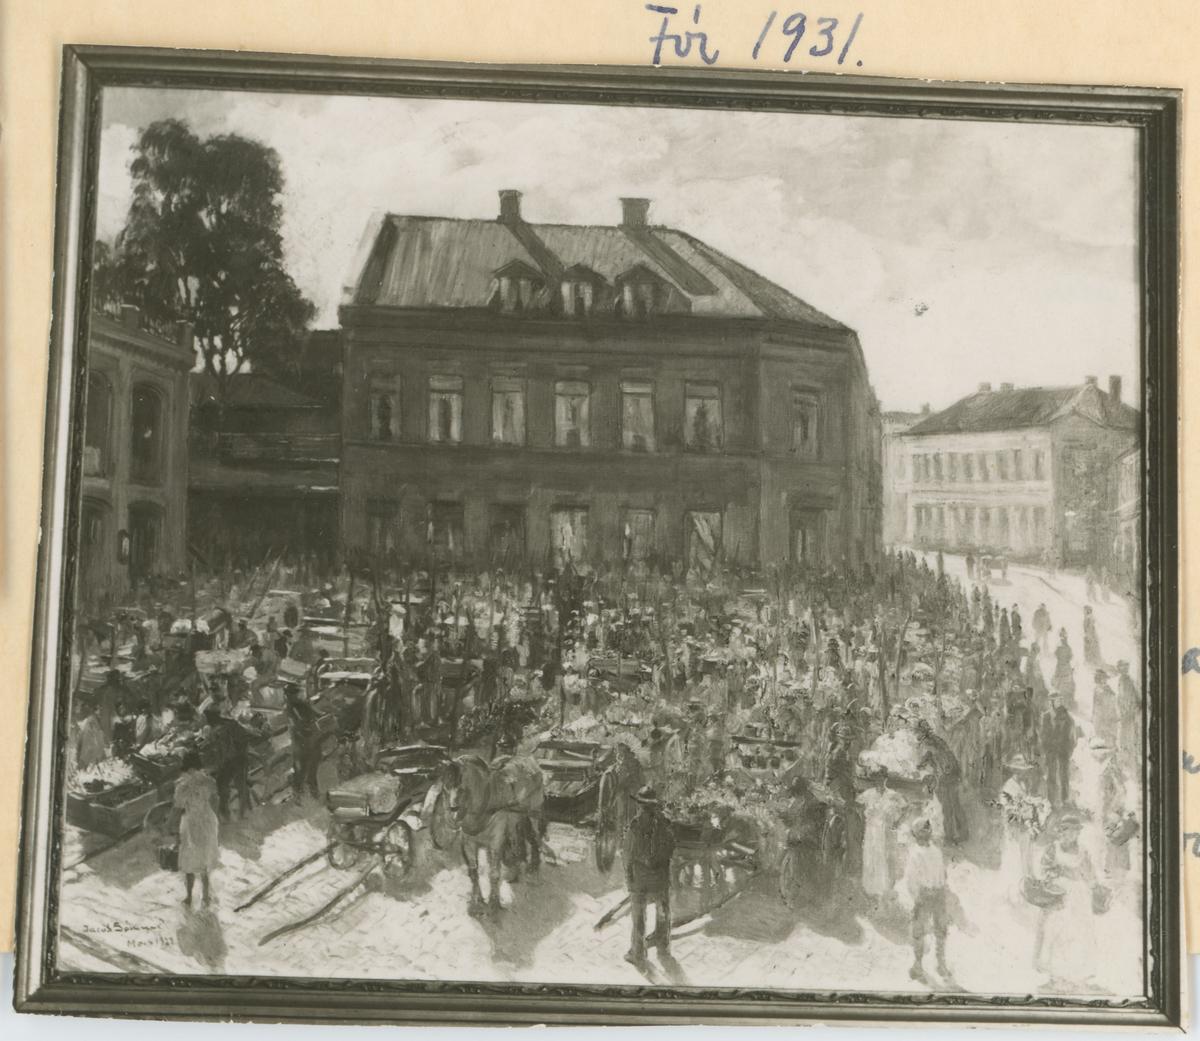 Øvre torv. Maleri av Jacob Sømme. To kopier av samme bilde. Detaljer:Aktivitet på Øvre torv.